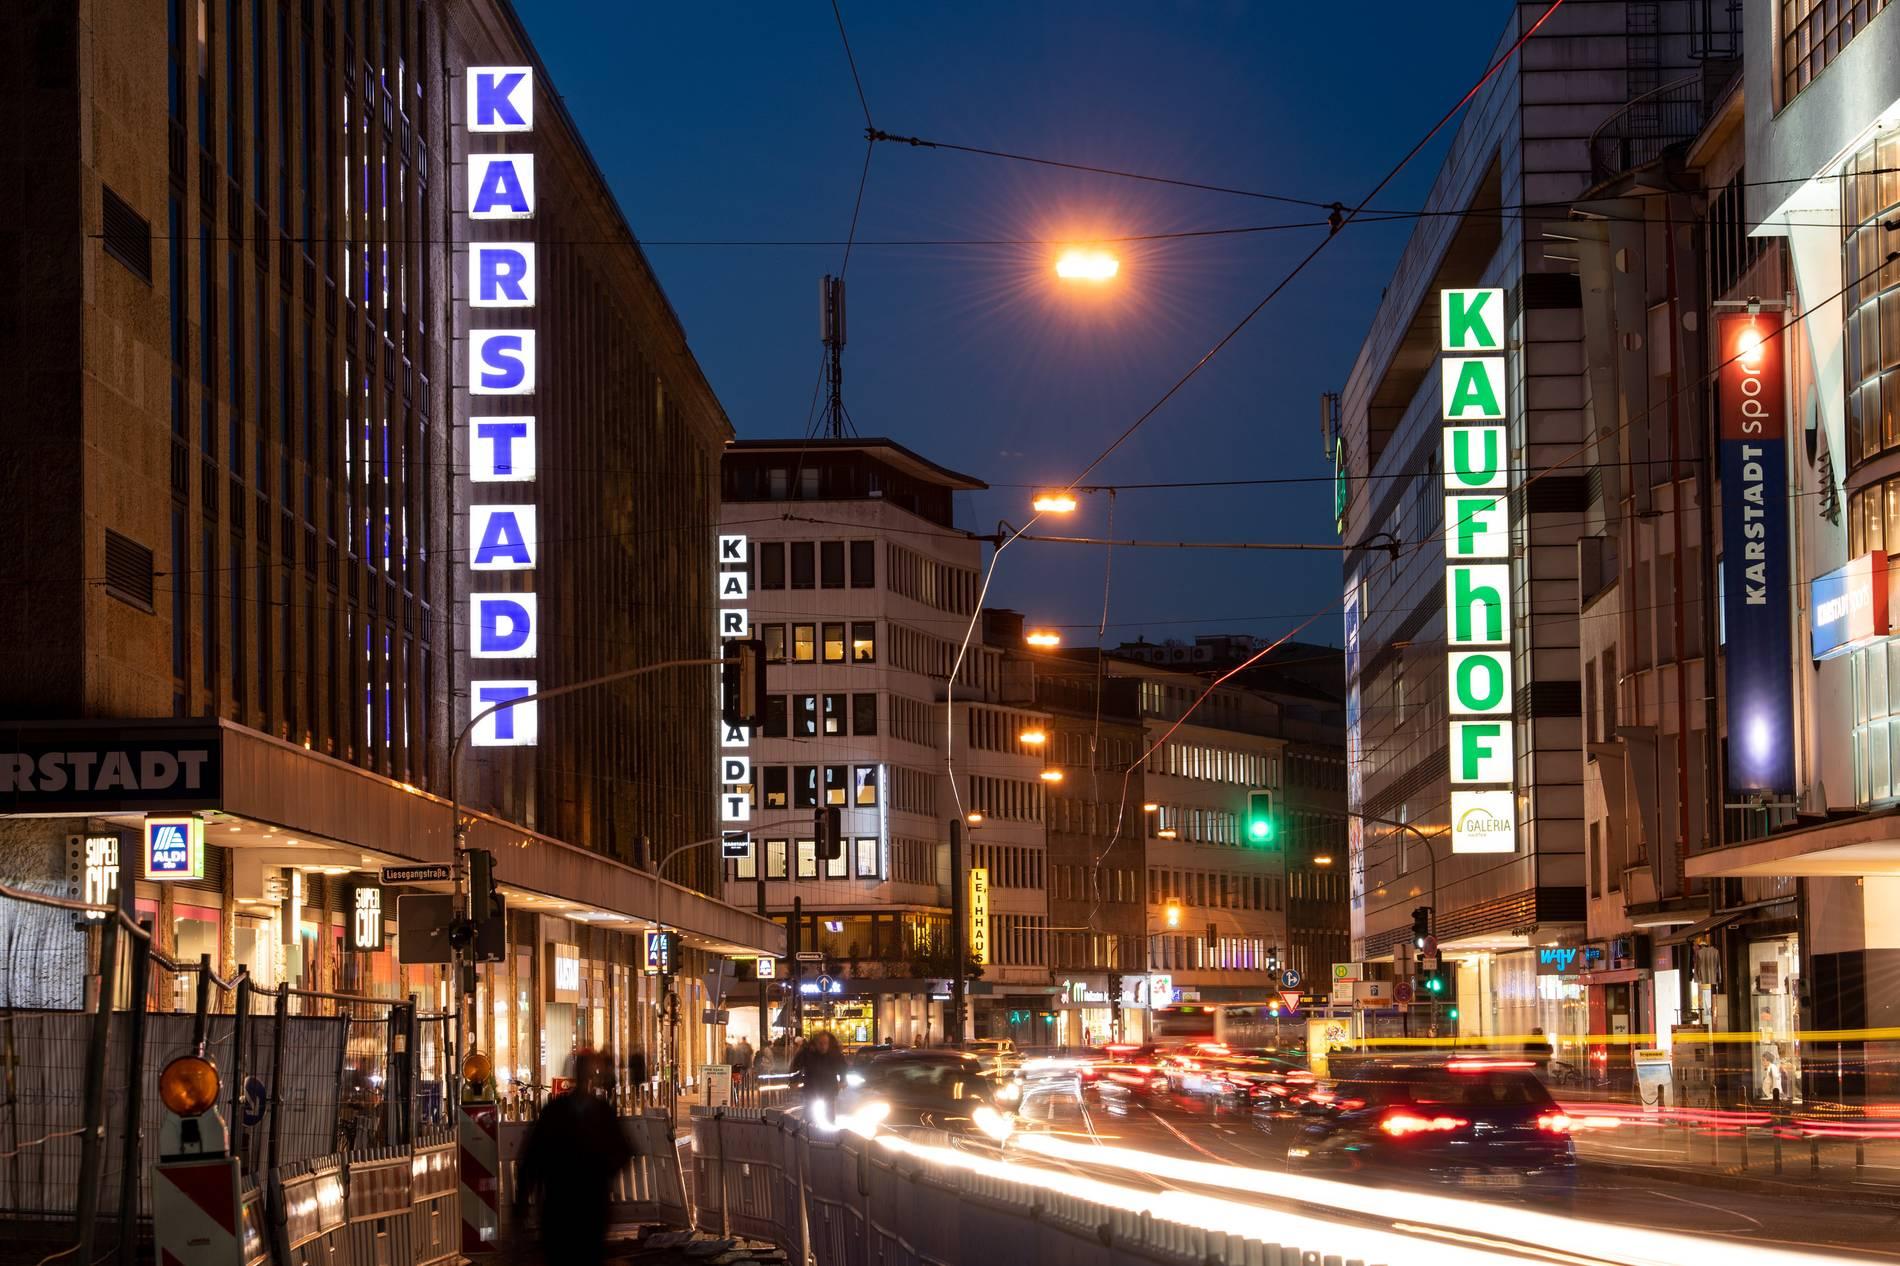 3188cce0129f4 Galeria Kaufhof und Karstadt: Fusionierter Konzern soll